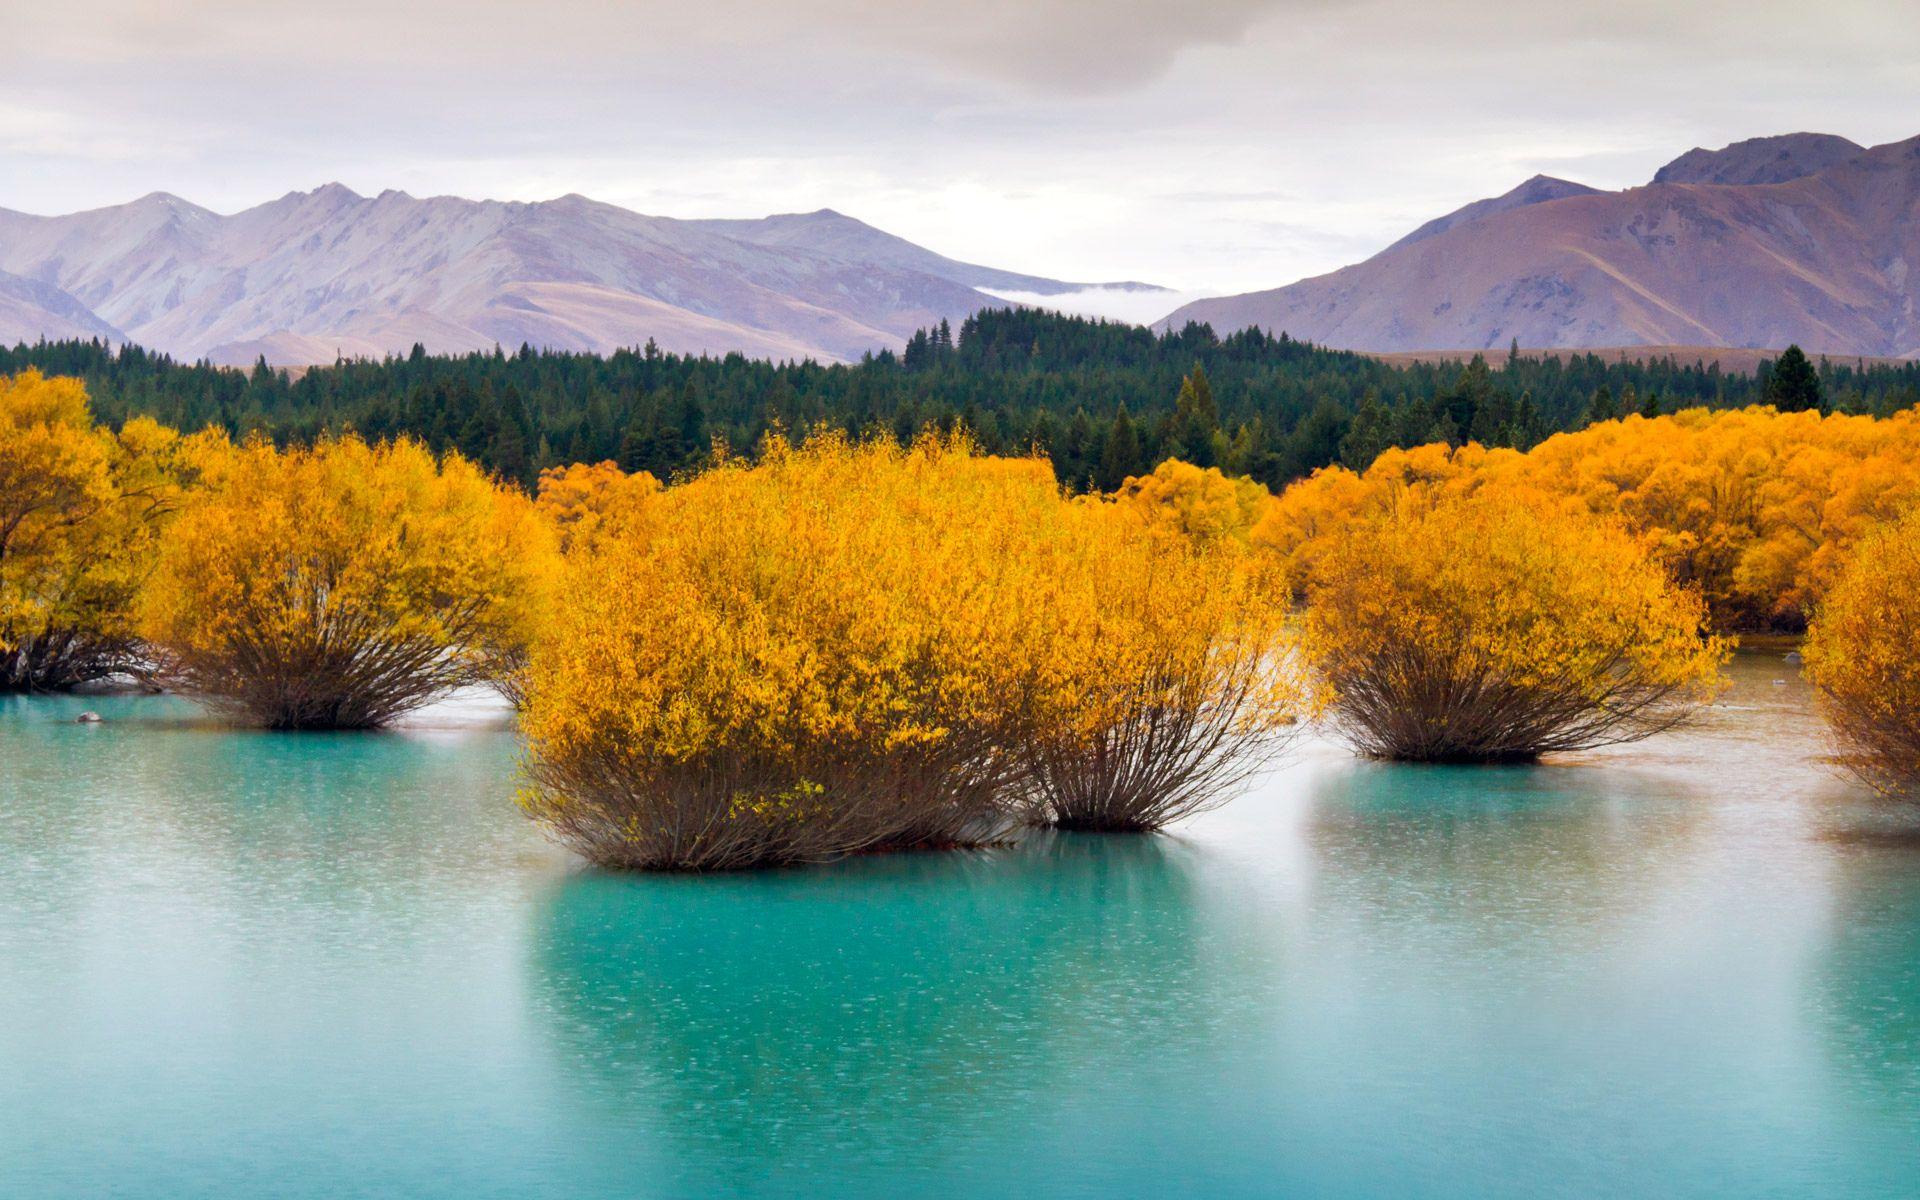 Souvent Terre/Nature Paysage Nouvelle Zélande Montagne Lac Forêt Nature  IA95